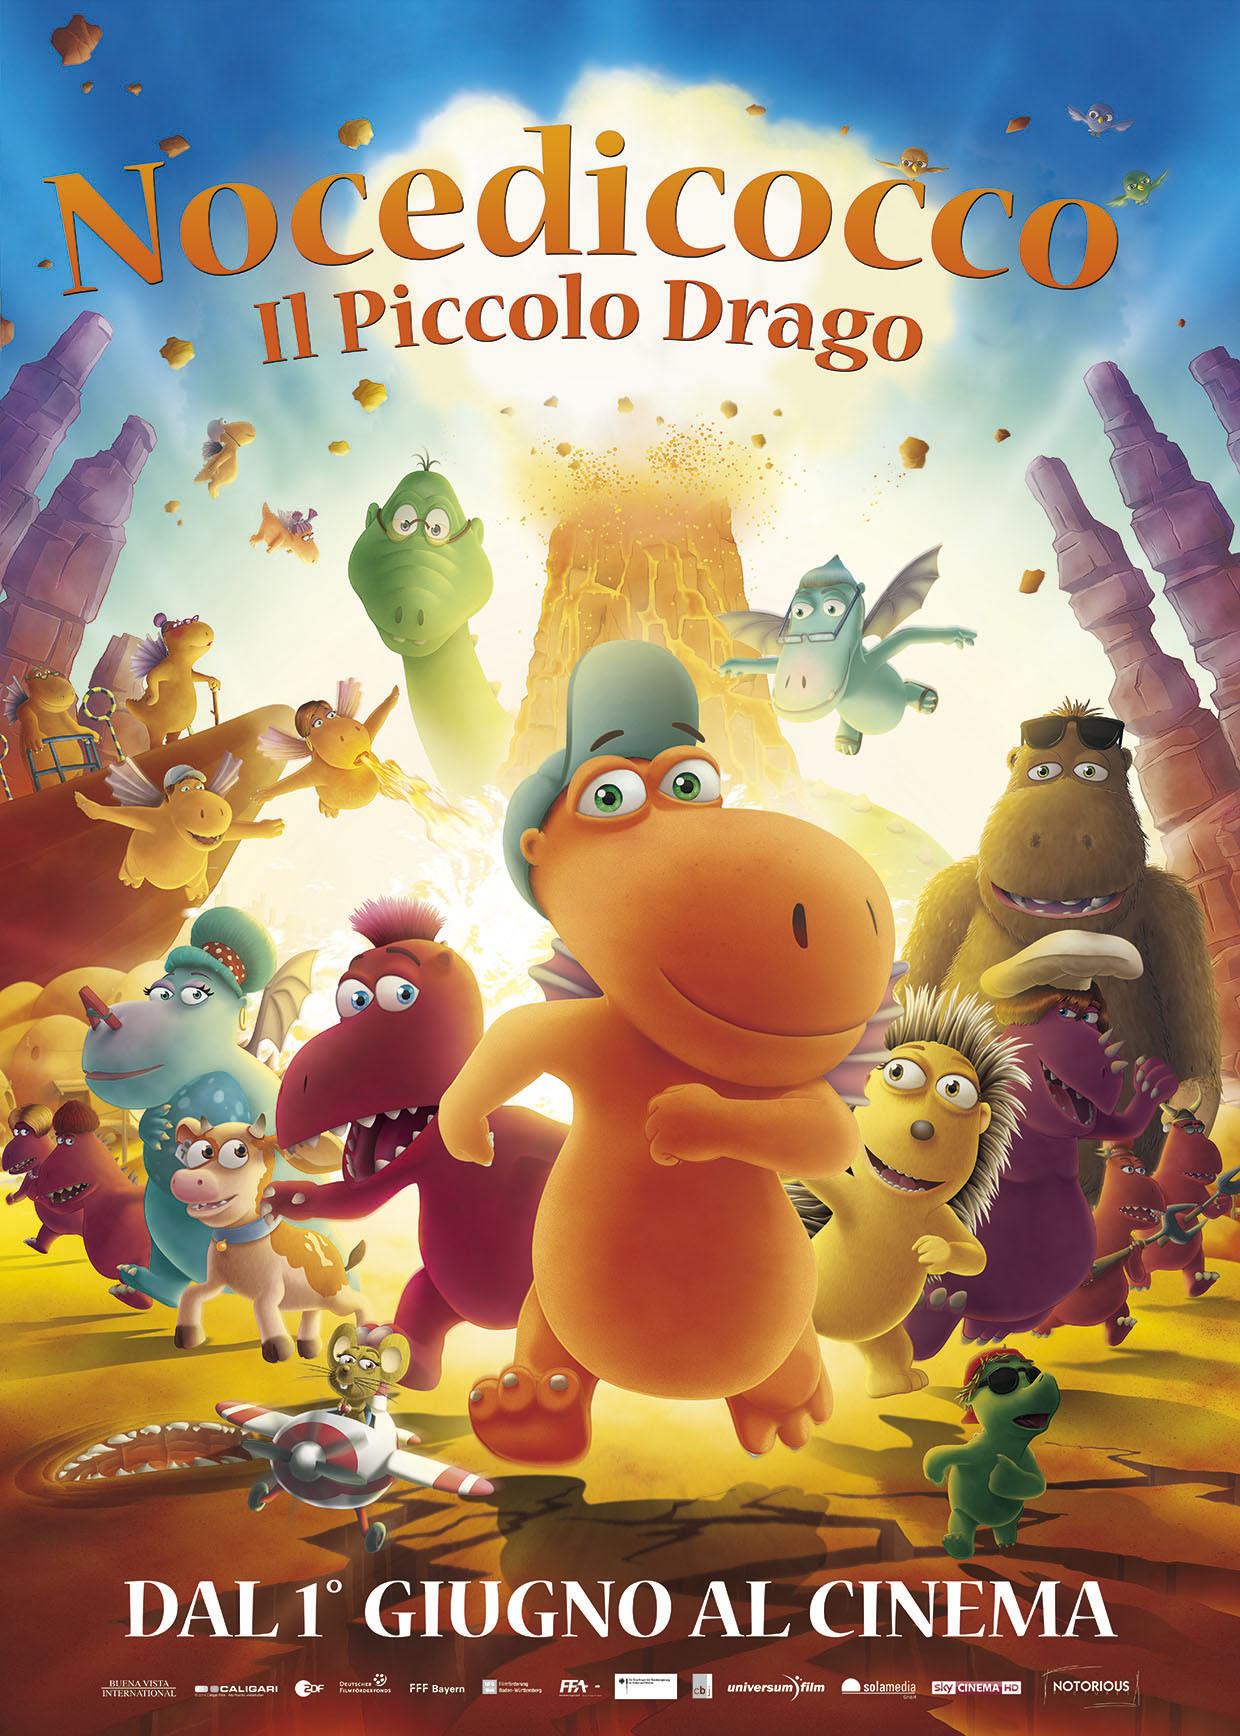 Nocedicocco - Il piccolo drago